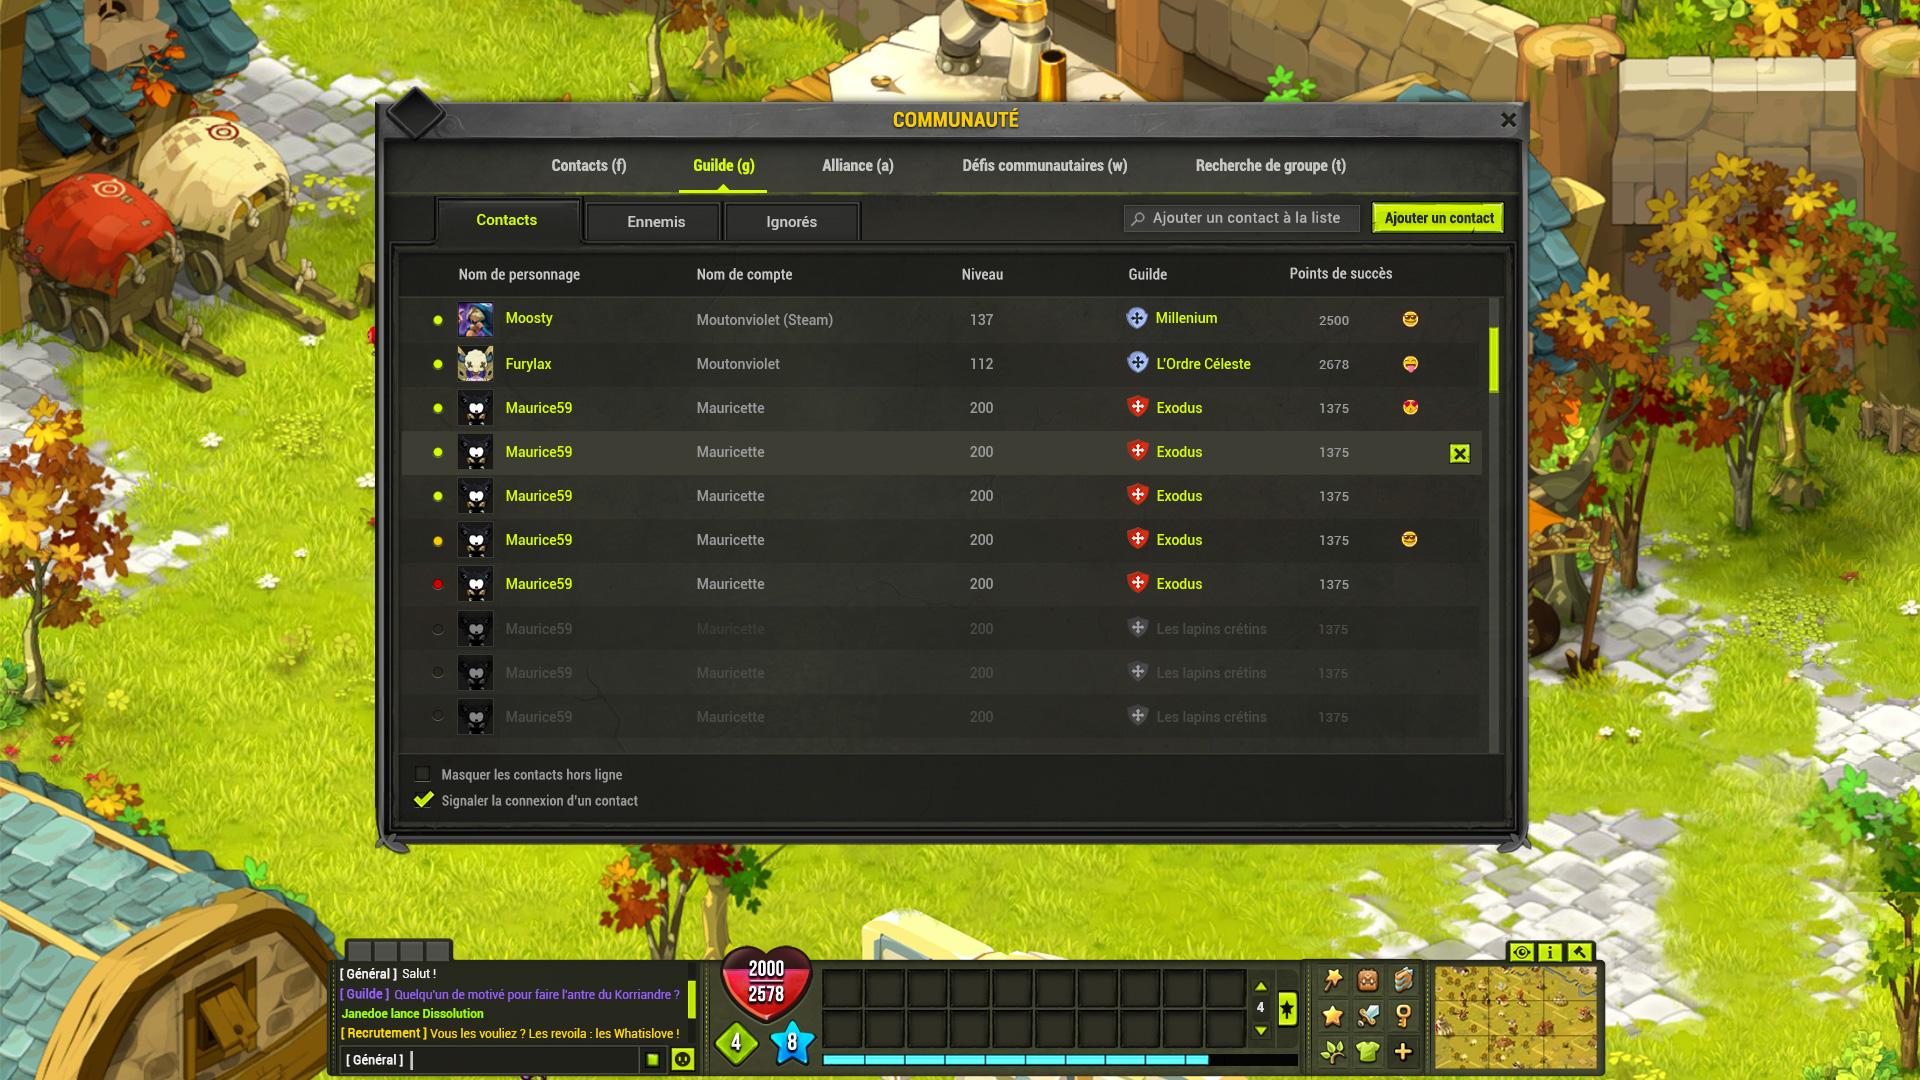 Refonte interface : Un jeu très épuré ! 05-community